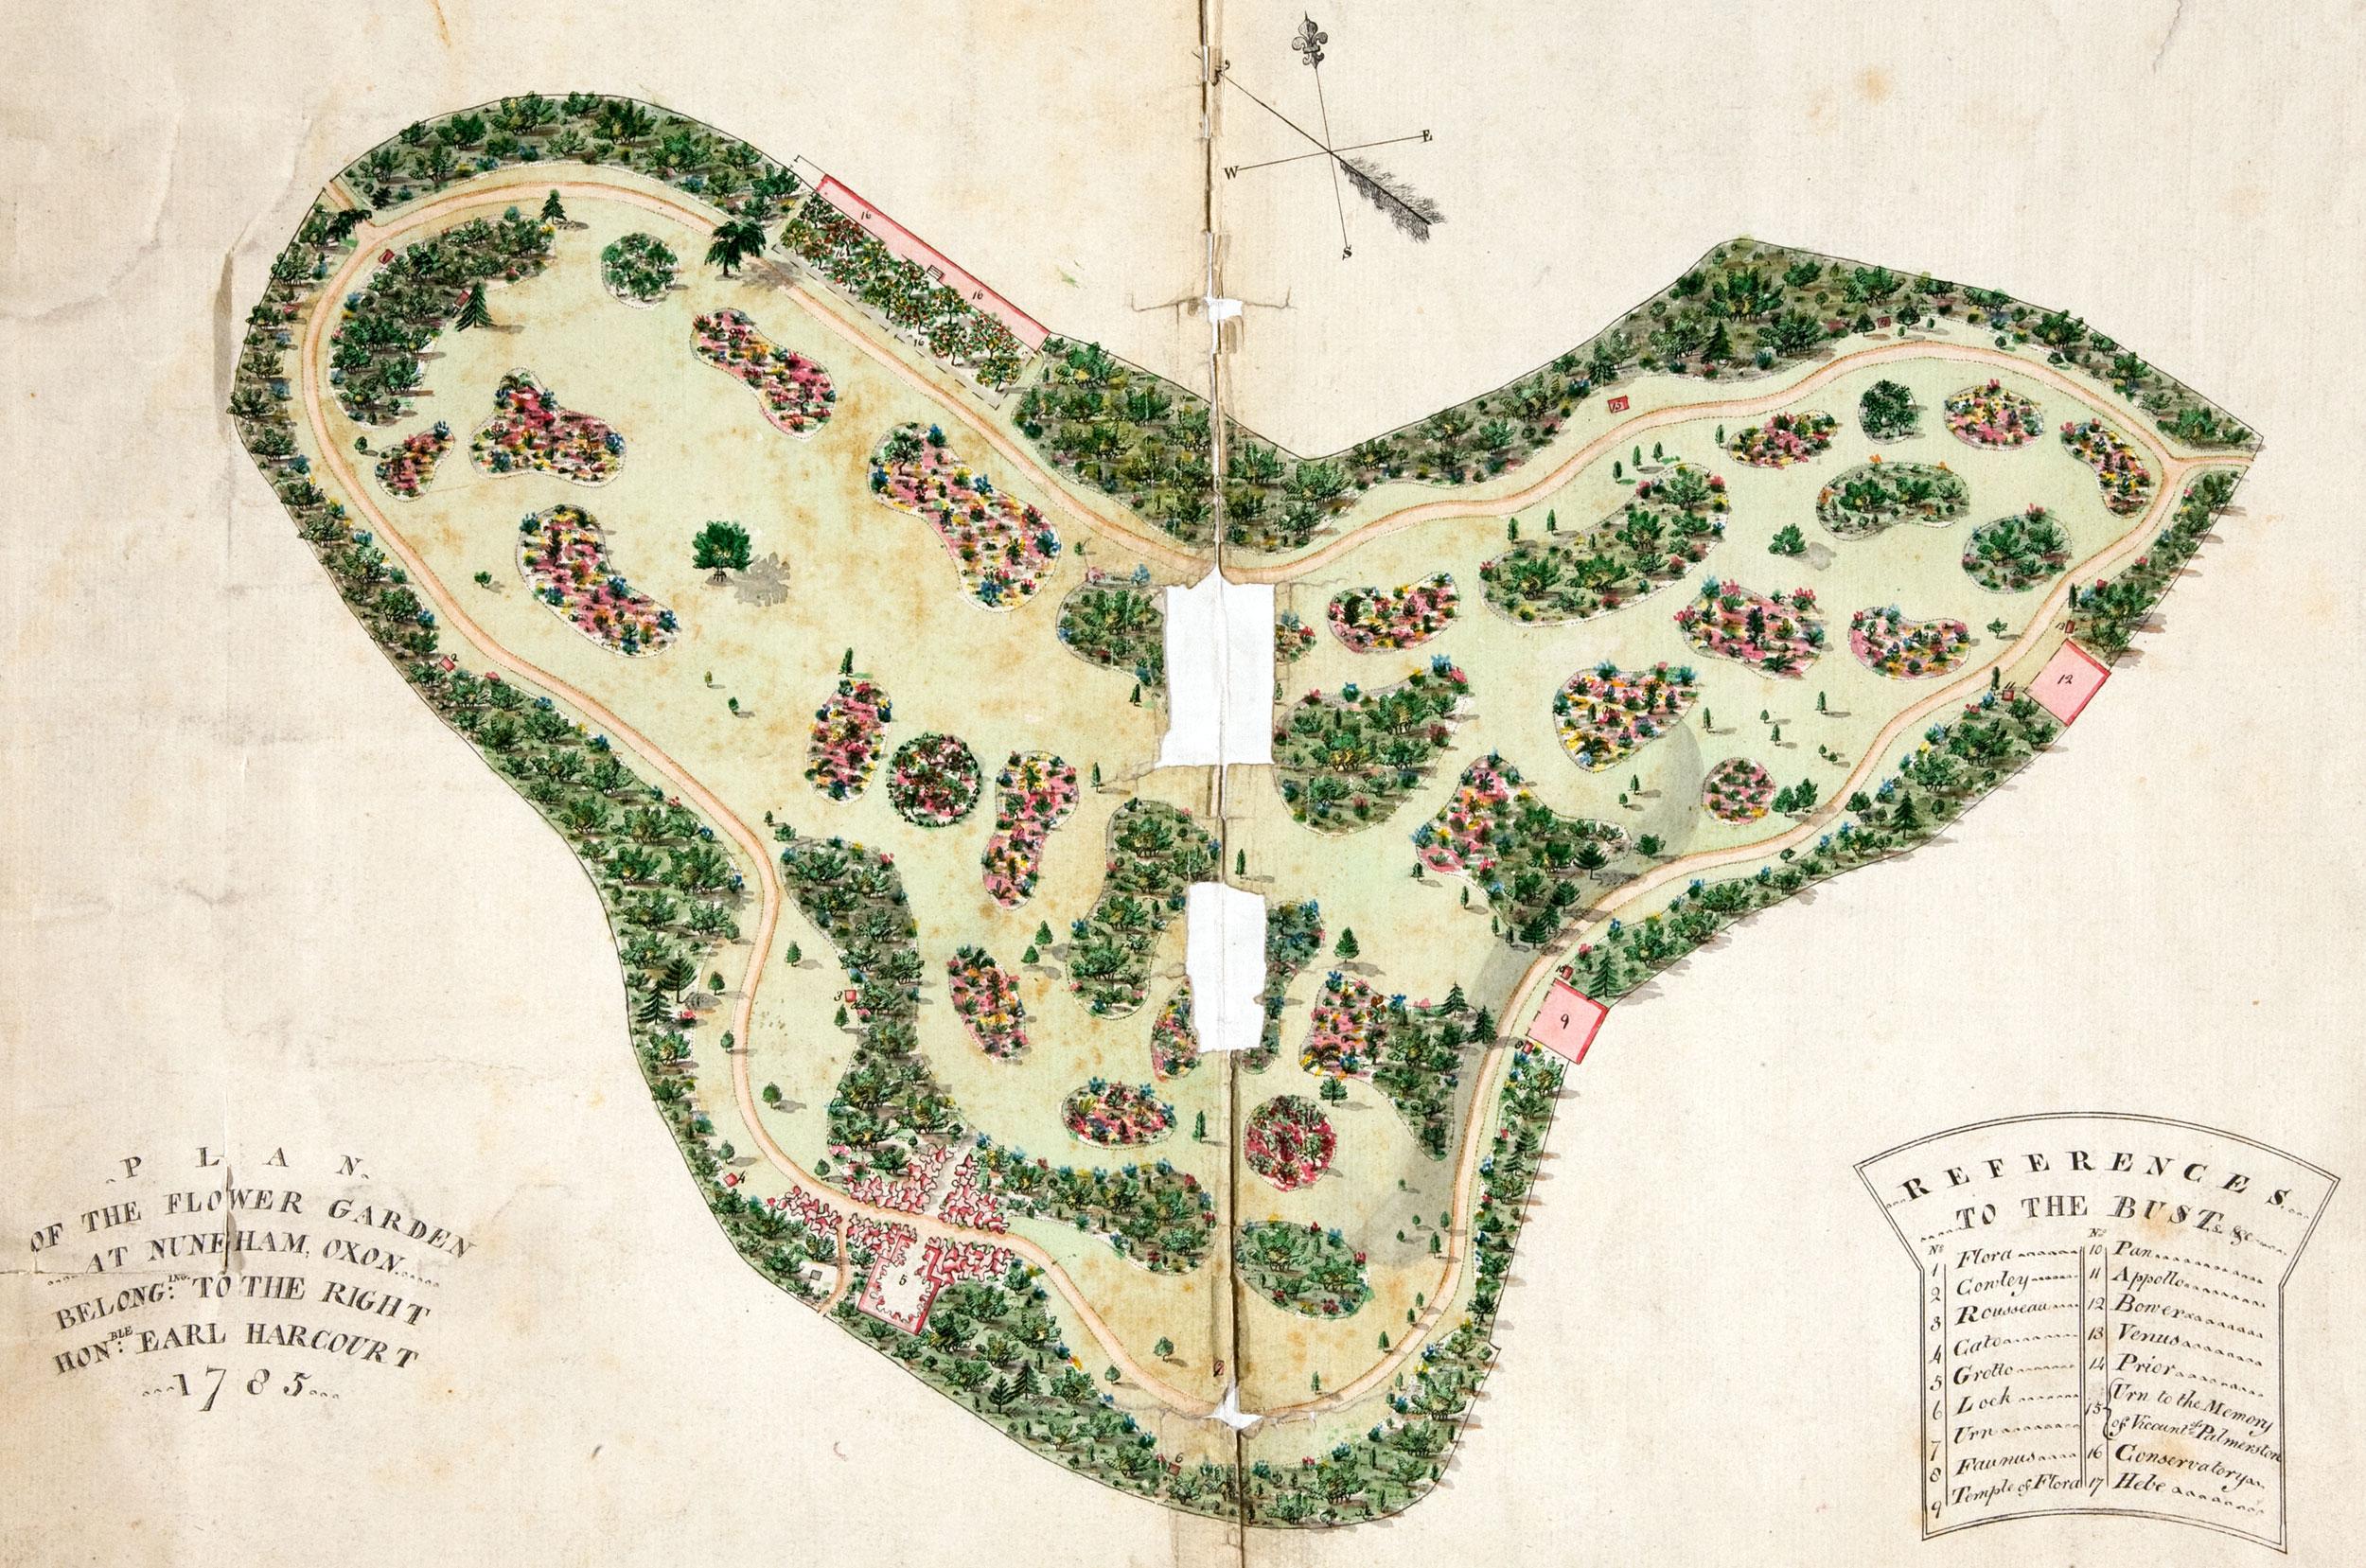 Flower garden at Nuneham Courtney, Oxon, 1785 (WORK 38/349)